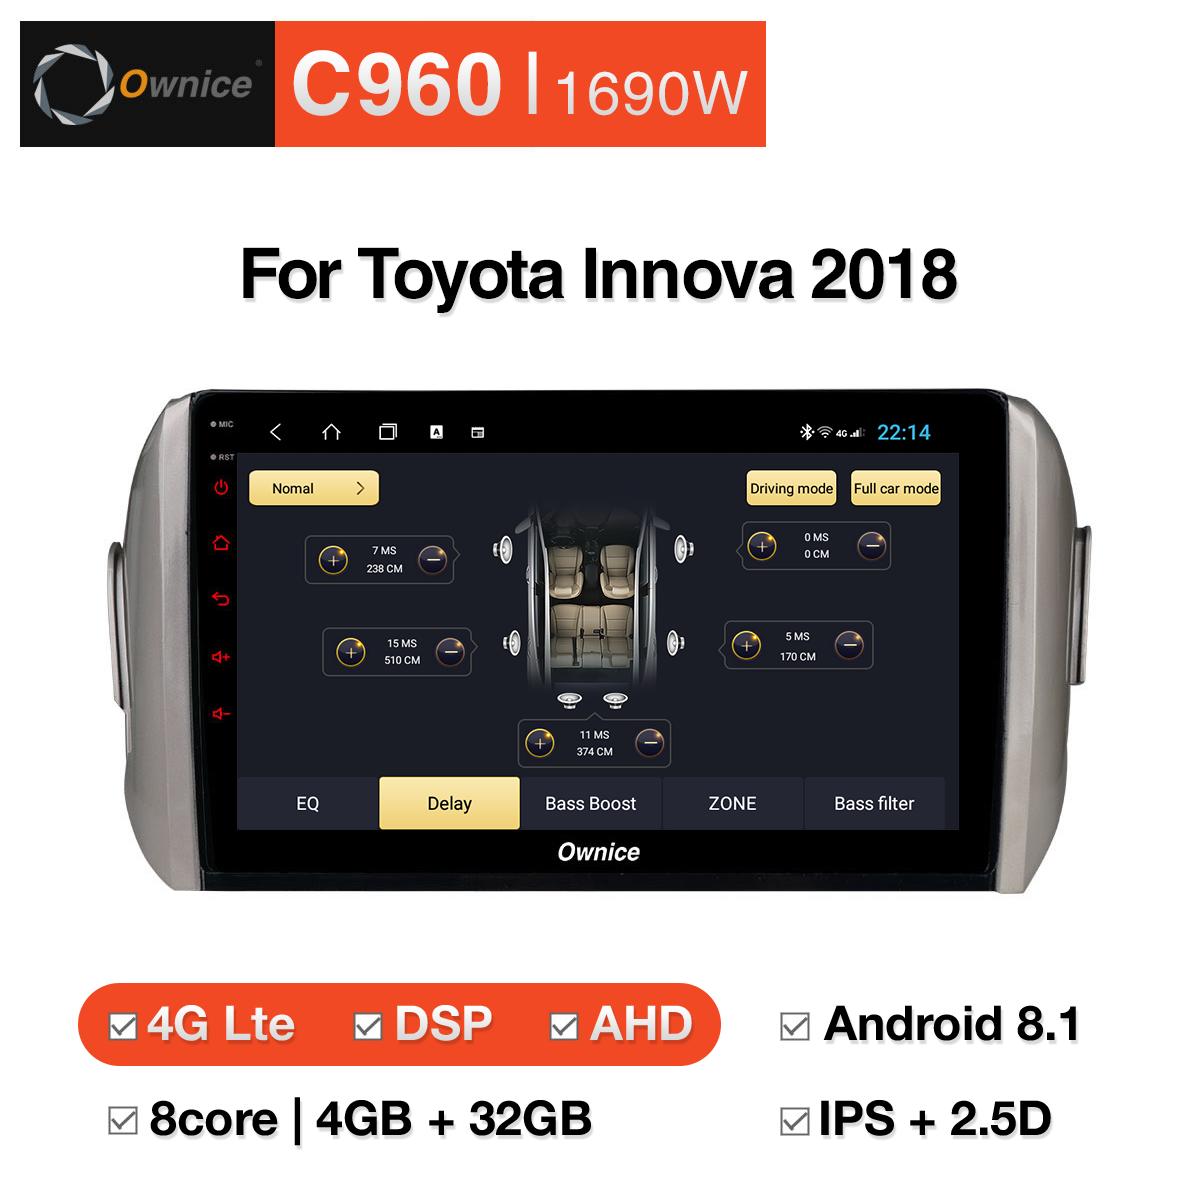 Đầu DVD android Ownice C960 cho xe ô tô Toyota Innova 2018:: OL-1690W